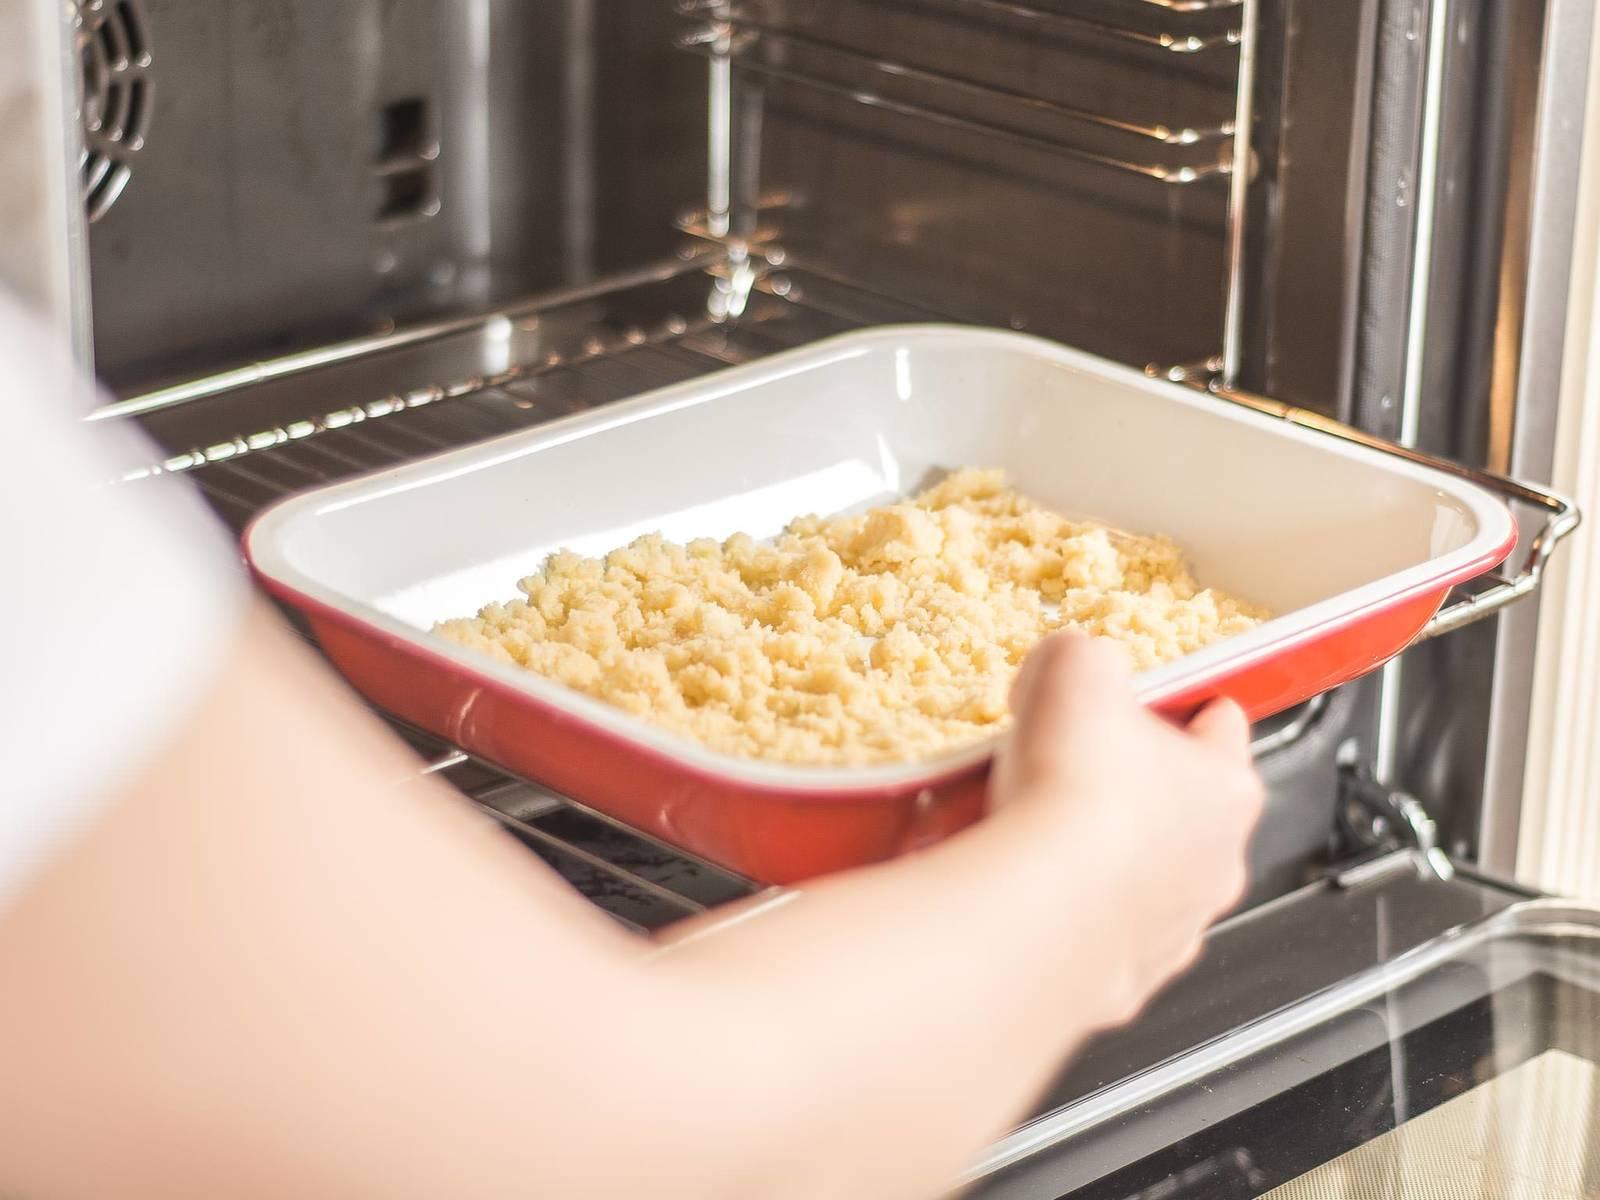 将黄油酥放入铺有烘焙纸的烤模或烤盘中。在已预热至160摄氏度的烤箱内烘烤8-10分钟,直至香脆金黄。